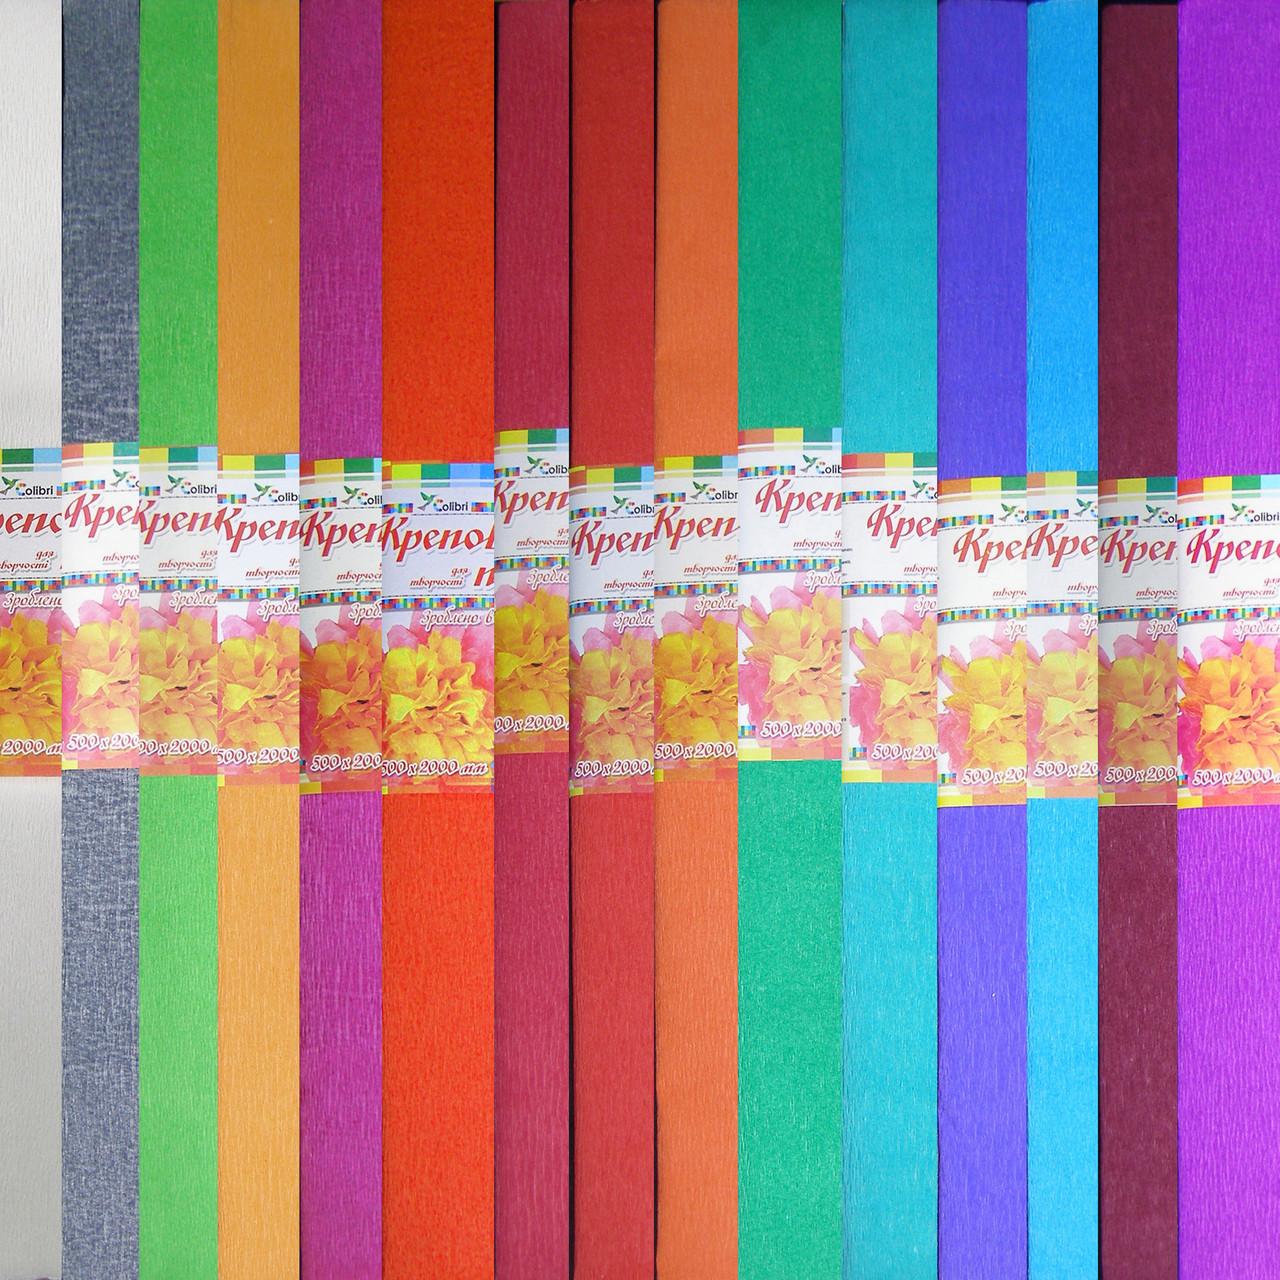 Бумага КРЕПИРОВАНАЯ- 50*200см., цвета в ассортименте